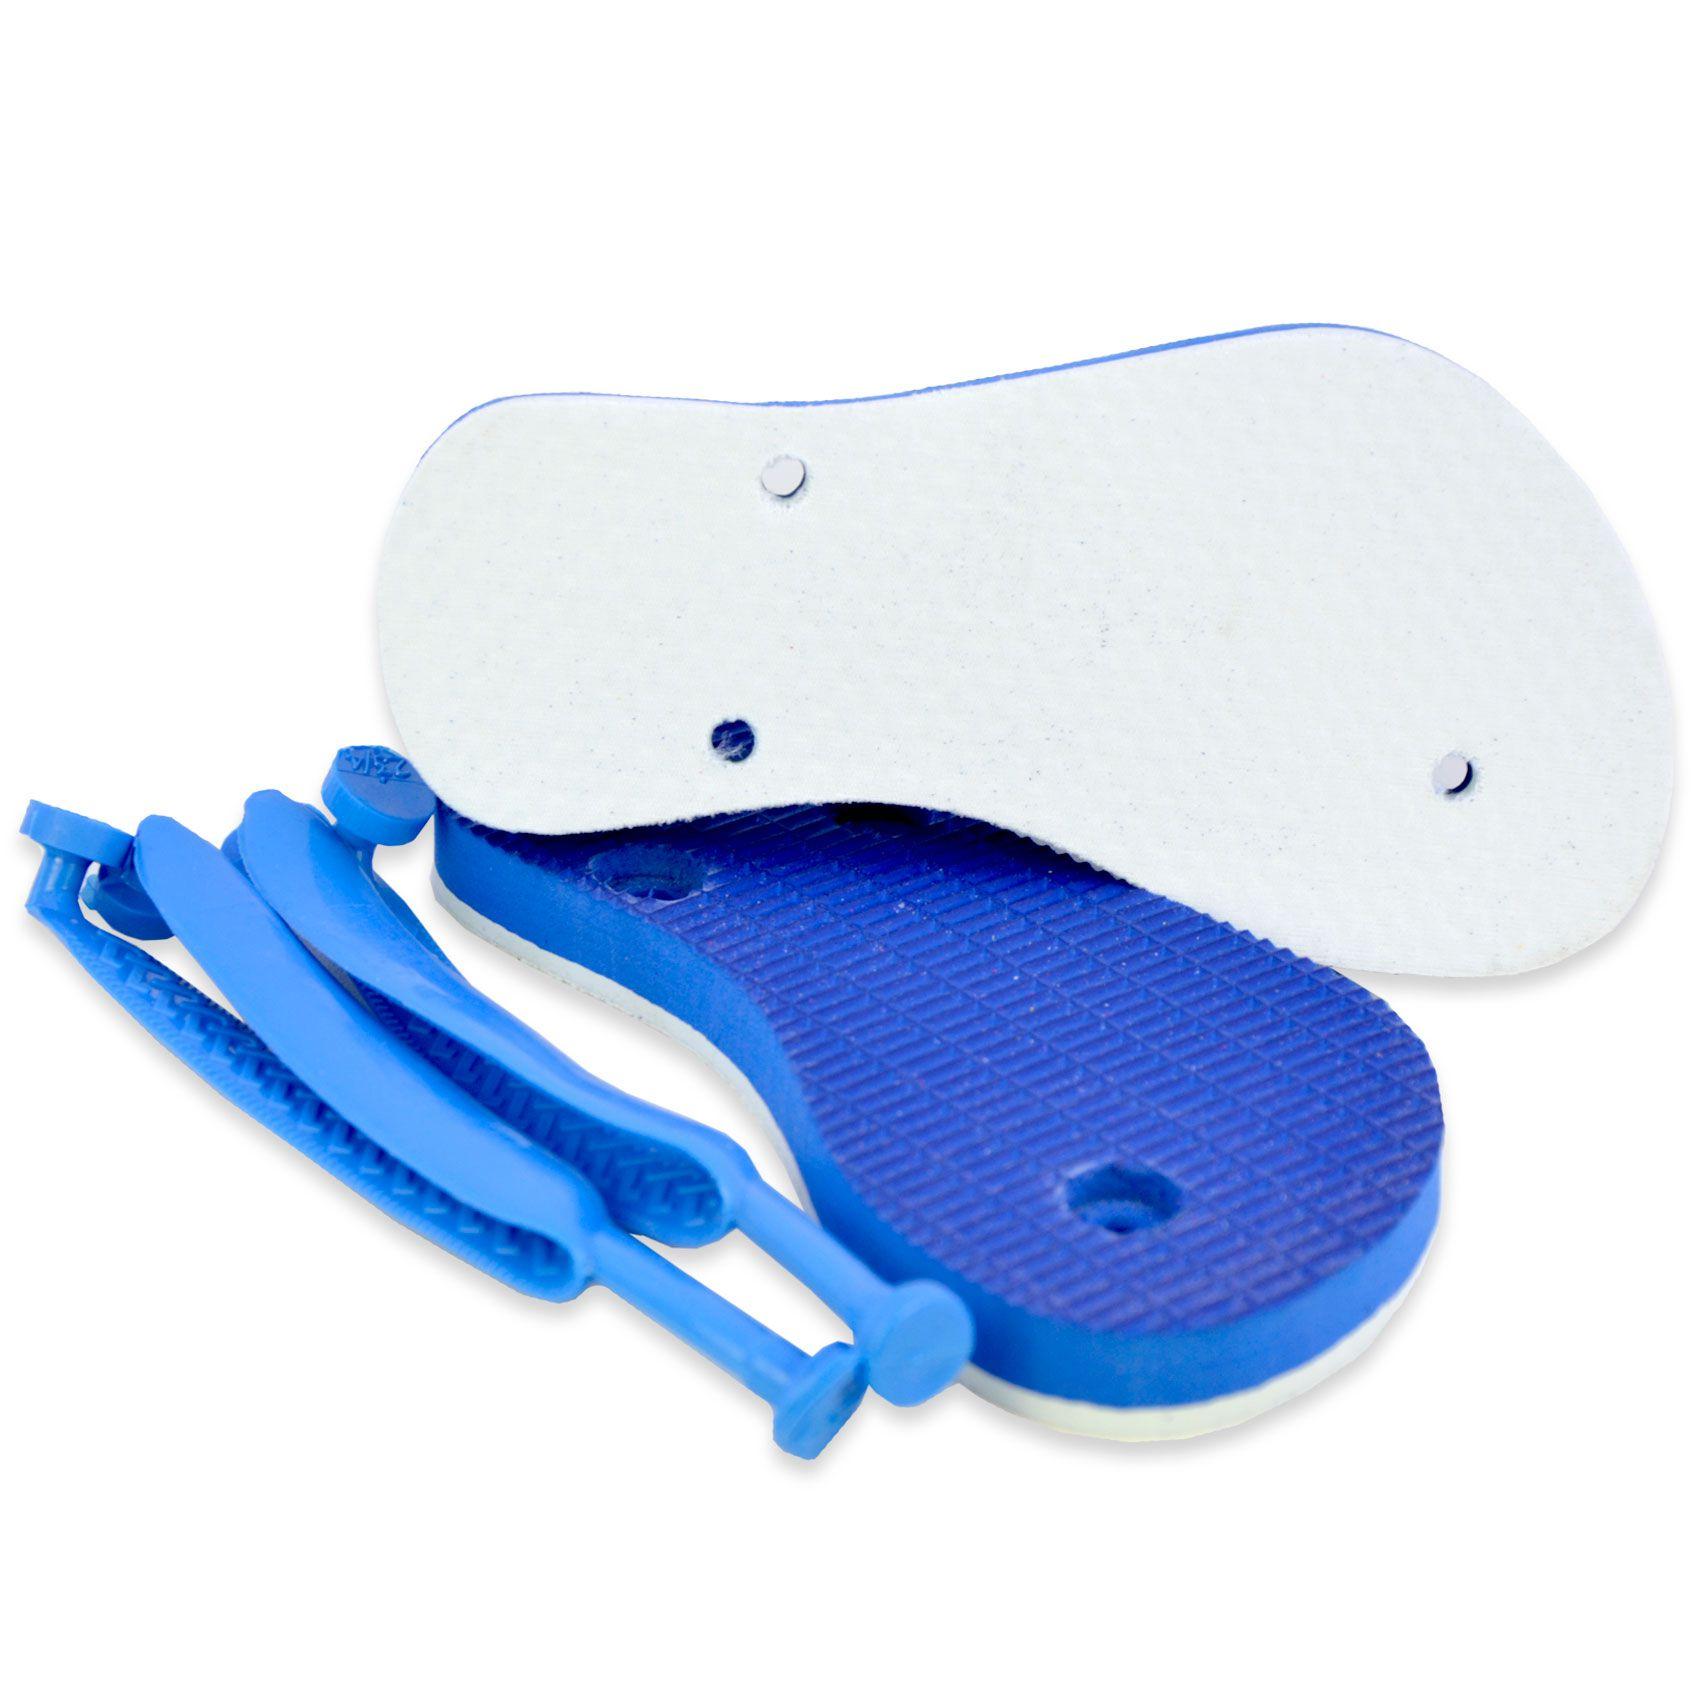 Chinelo com tecido poliéster  - Tamanho Infantil - Azul Claro